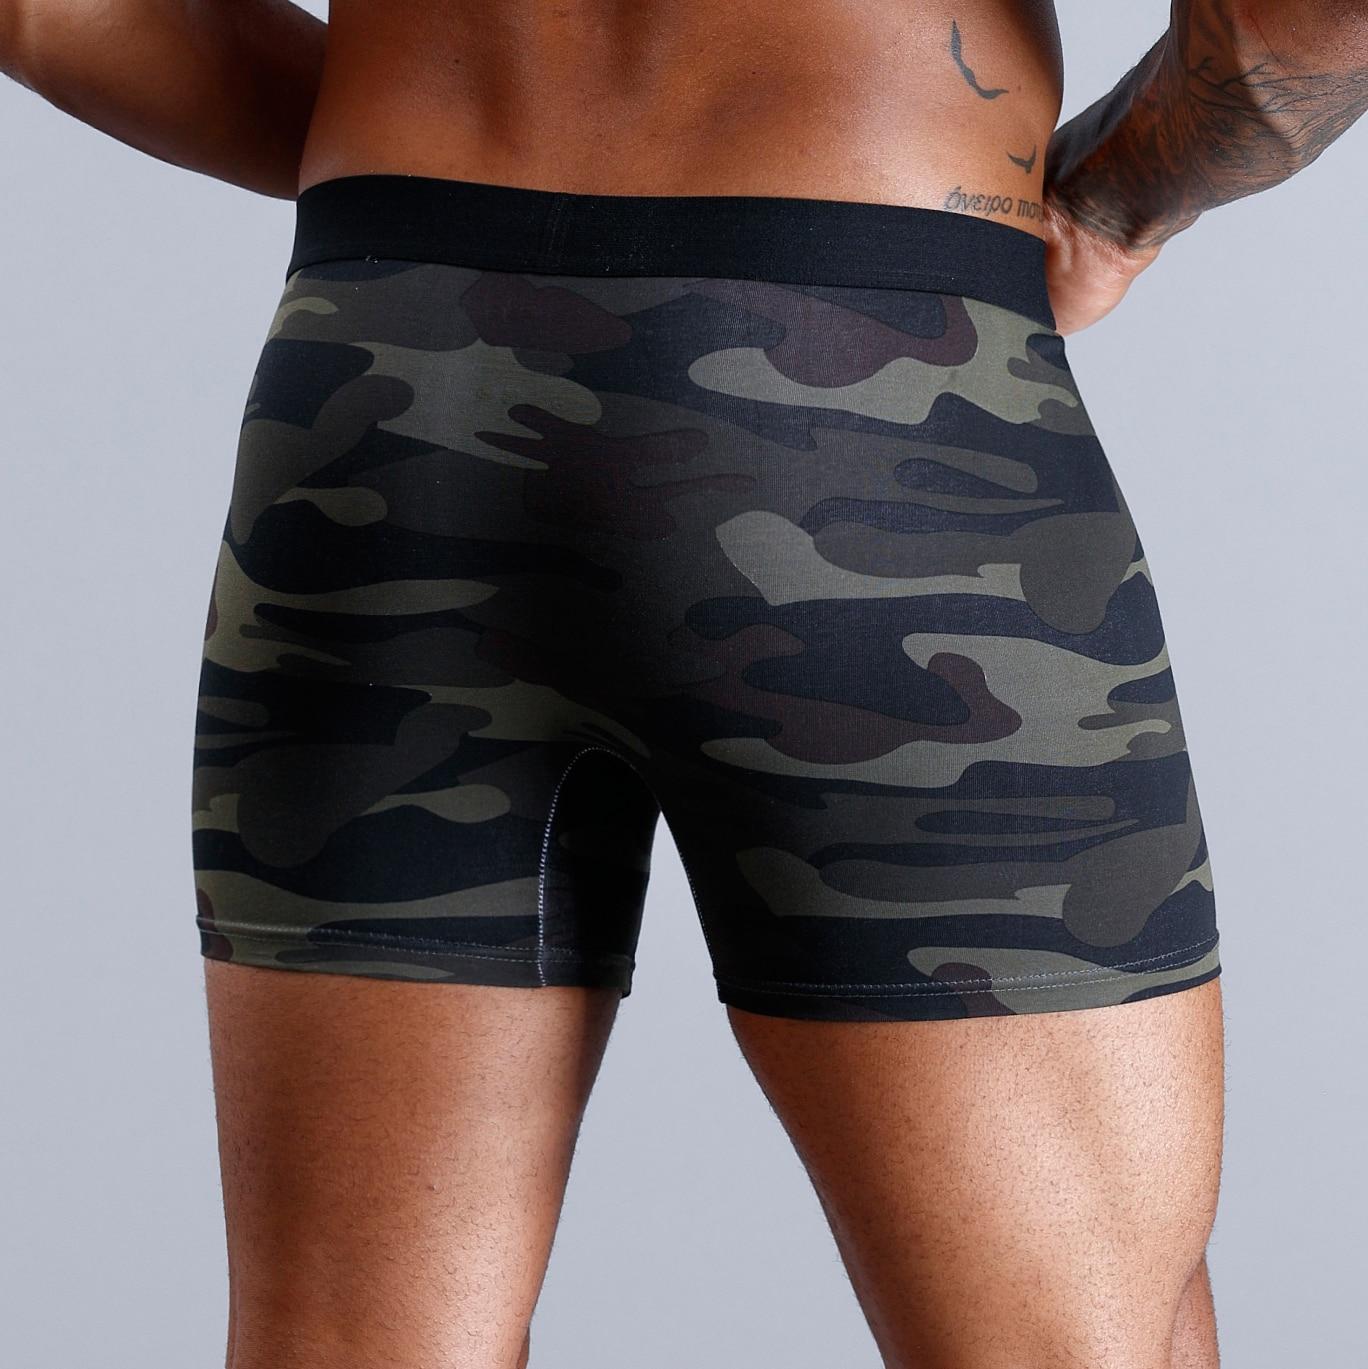 SKARR Camouflage Boxer Men Underwear Men Boxer Shorts Boxershorts Men Underwear Boxers Calvin Sexy Cotton Underpants Trunk Plus